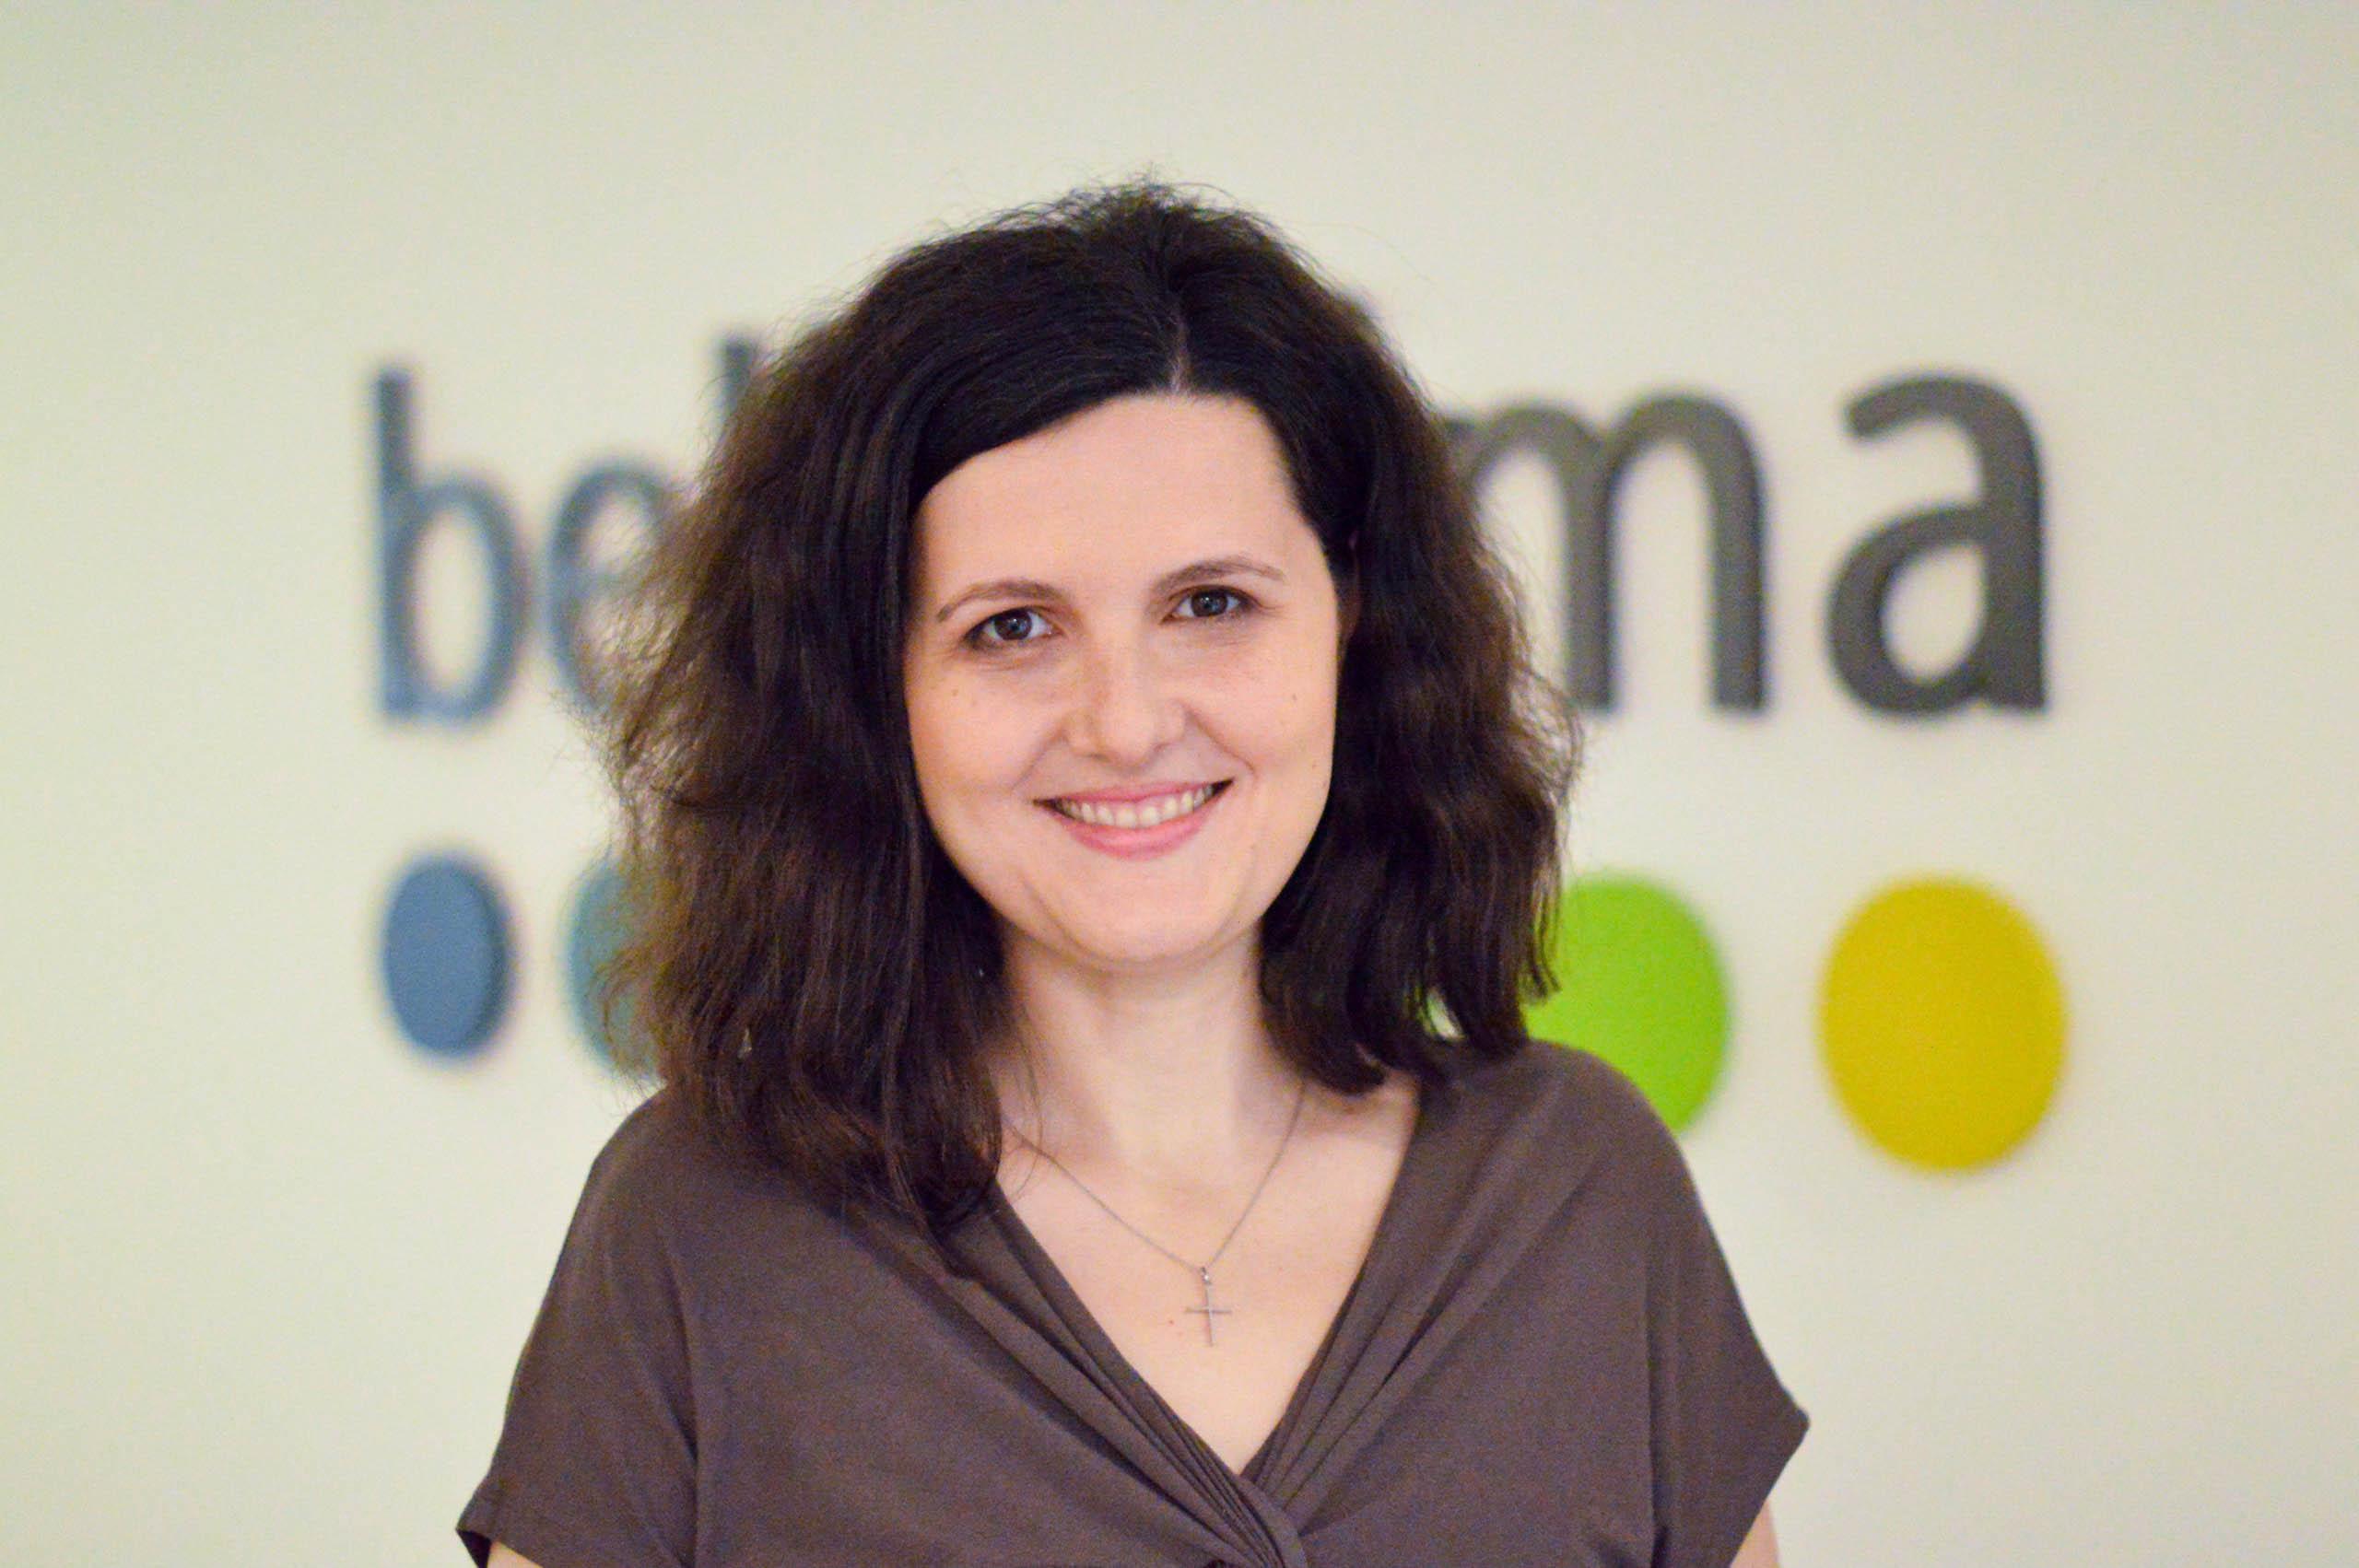 Psihoterapeutul Irina Ciureanu